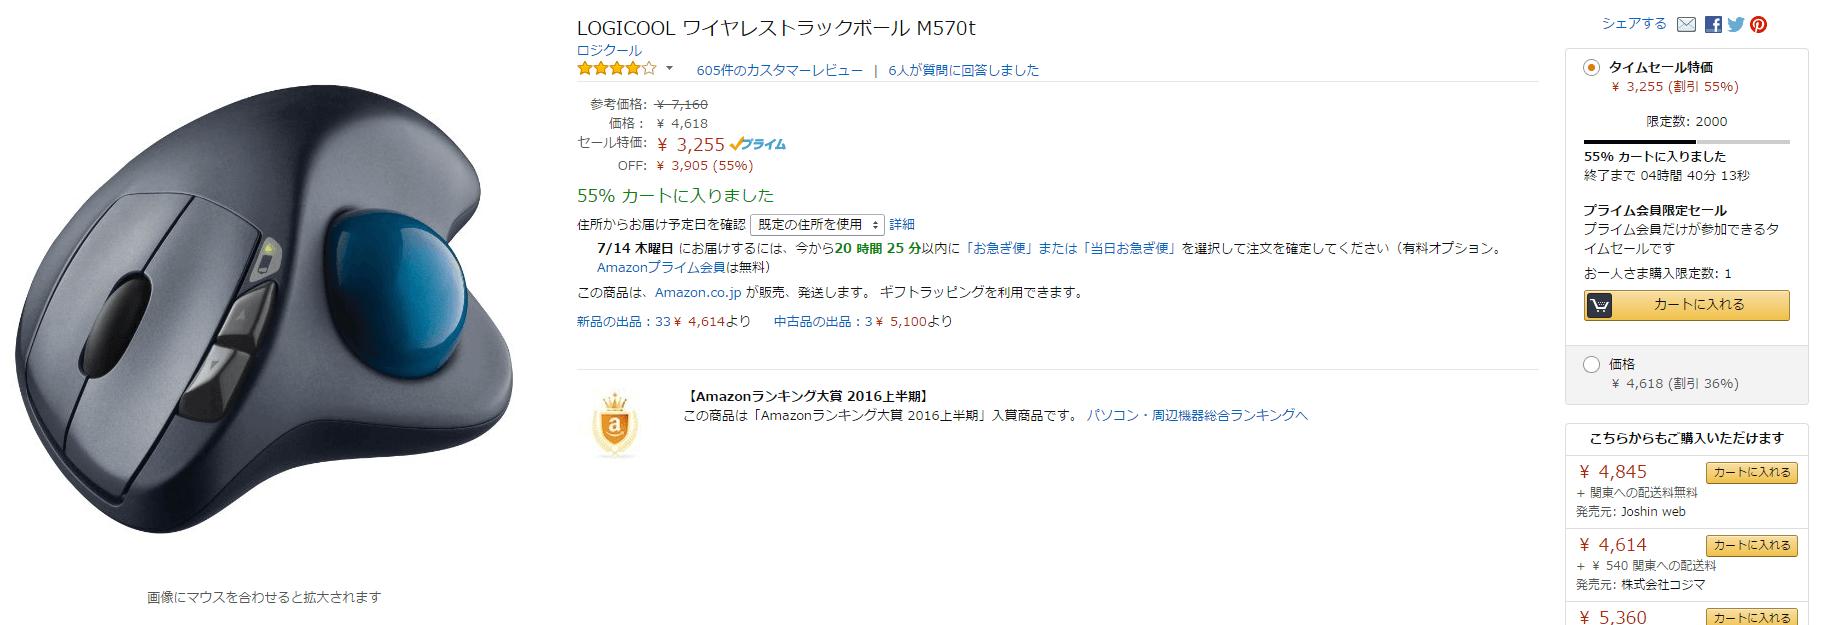 LOGICOOL ワイヤレストラックボール M570t01